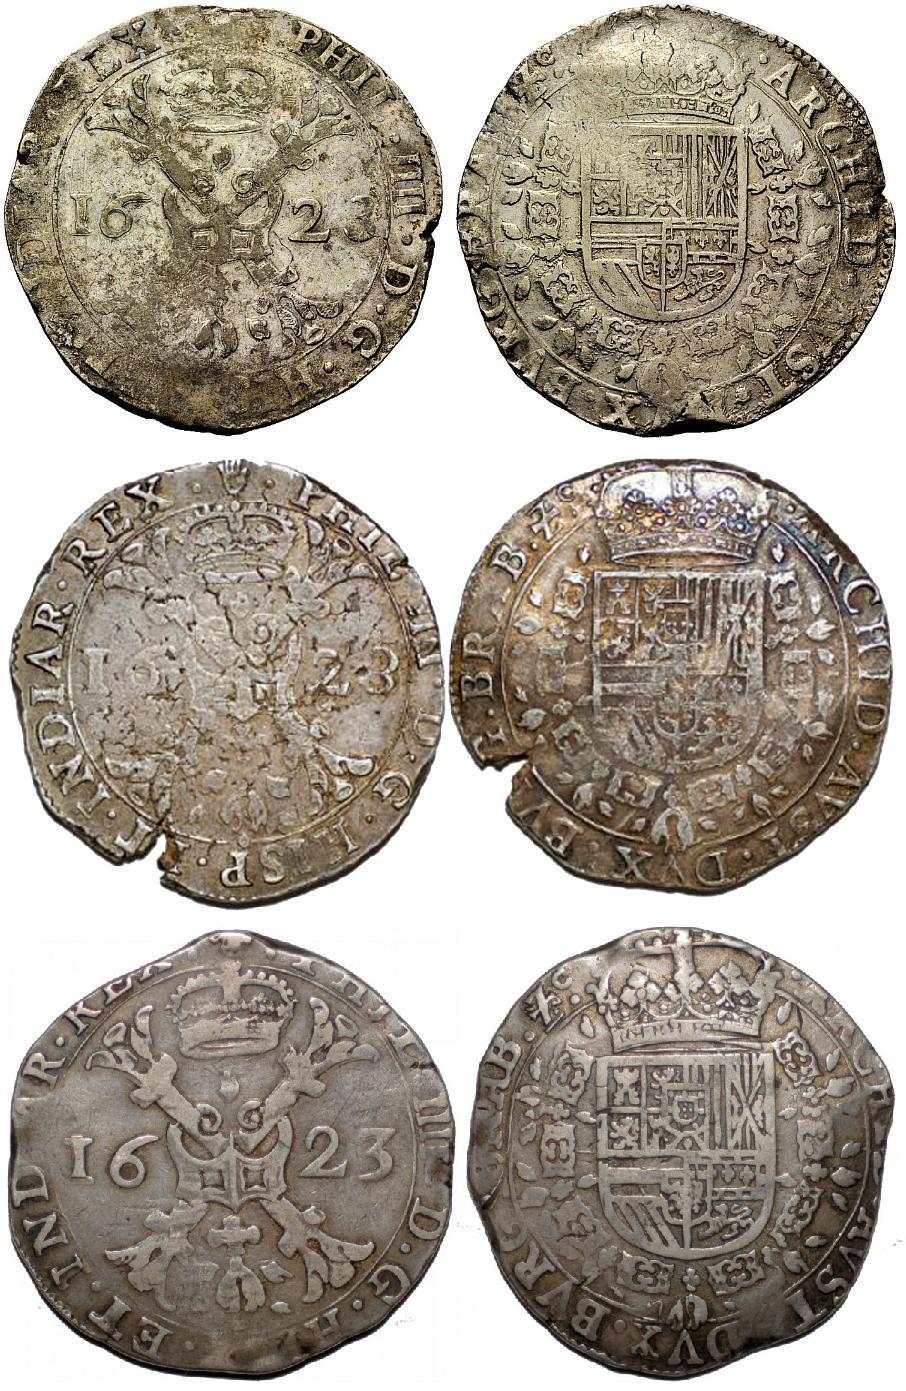 Patagón de 1623. Felipe IV acuñado en Amberes. Dedicado a Lanzarote. Patagon_1623_Felipe_IV